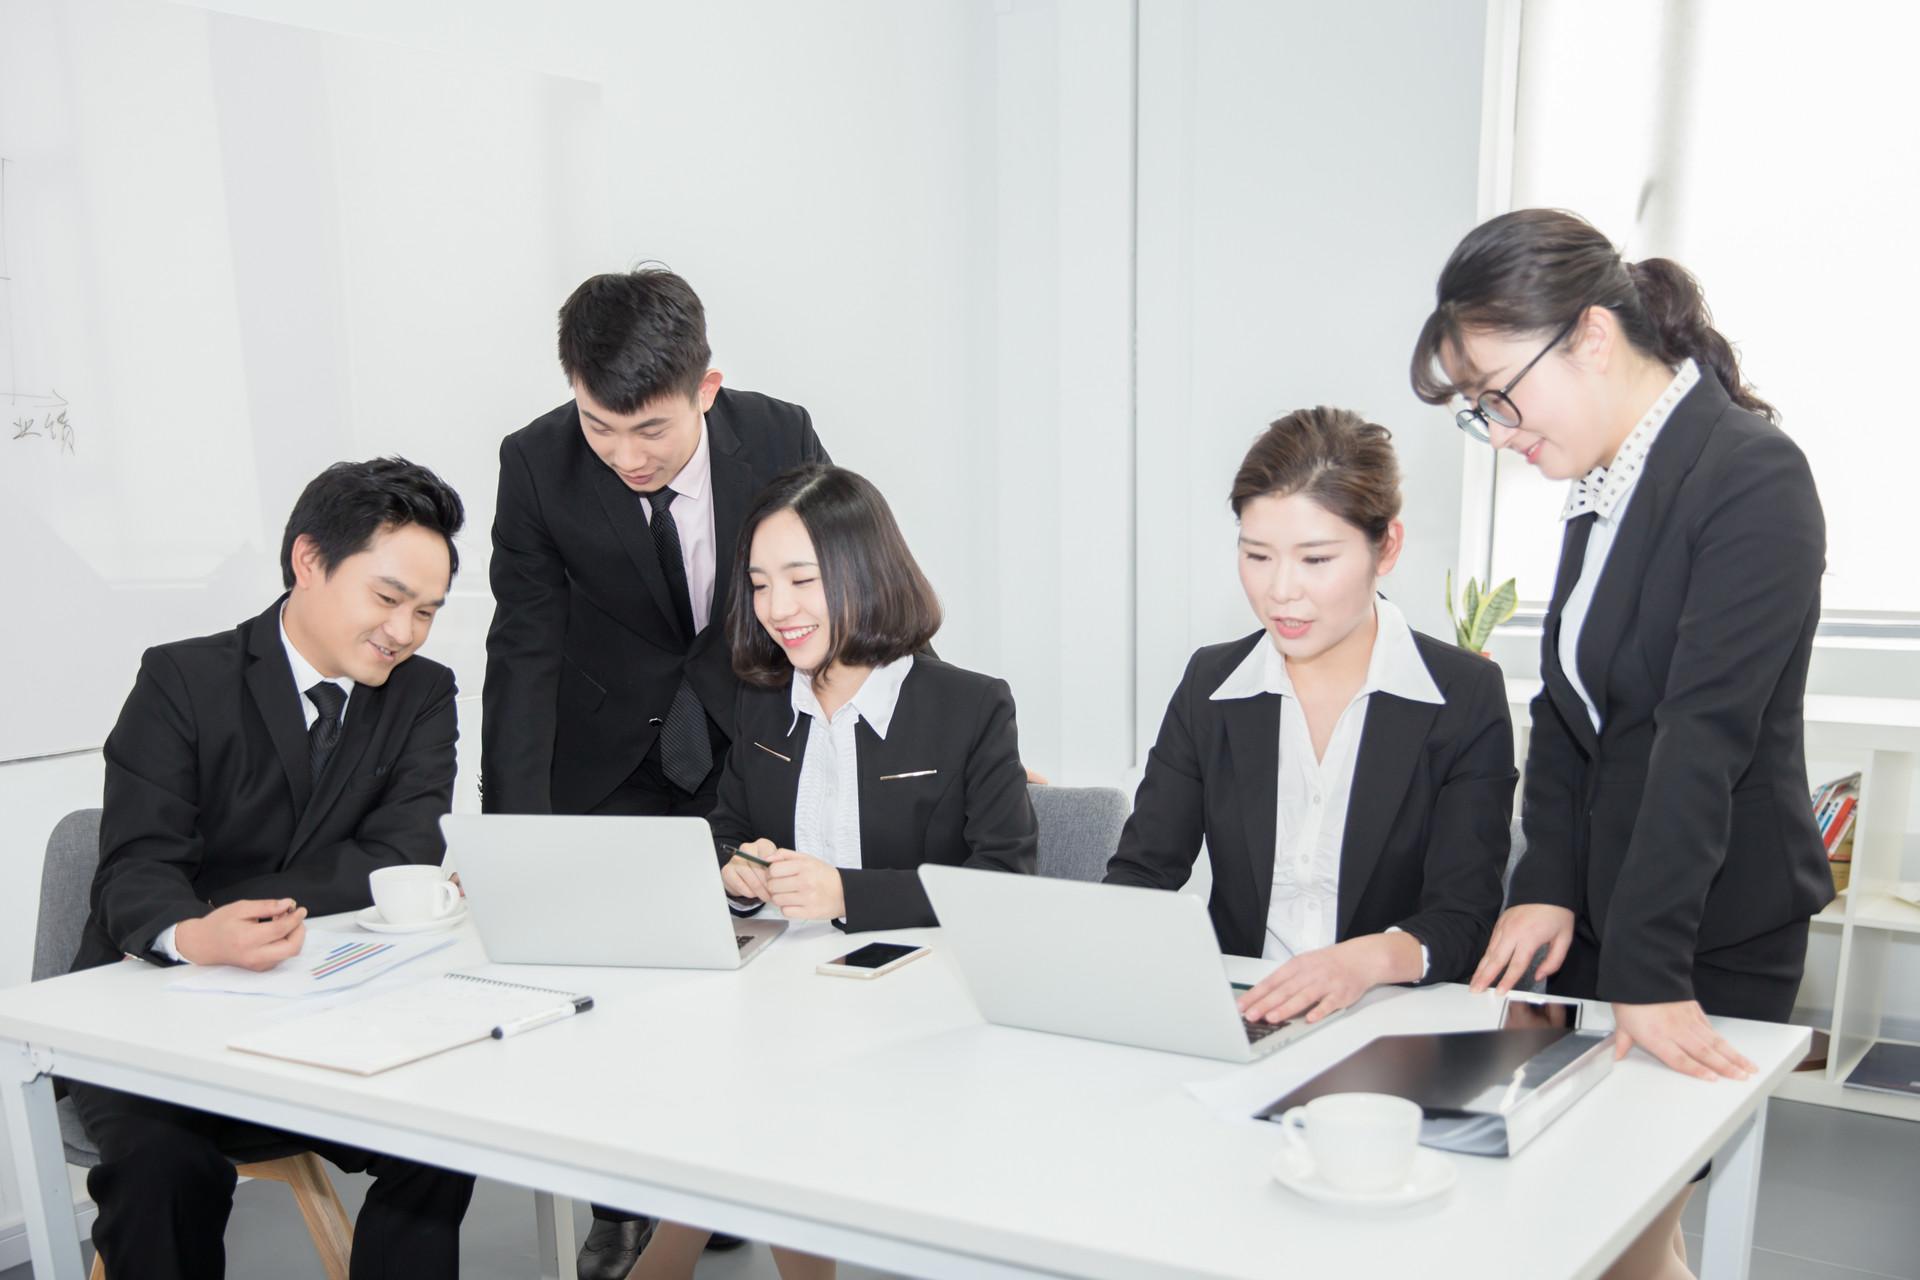 佛山企业社保缴纳对代理平台的选择,更看重哪些特点?